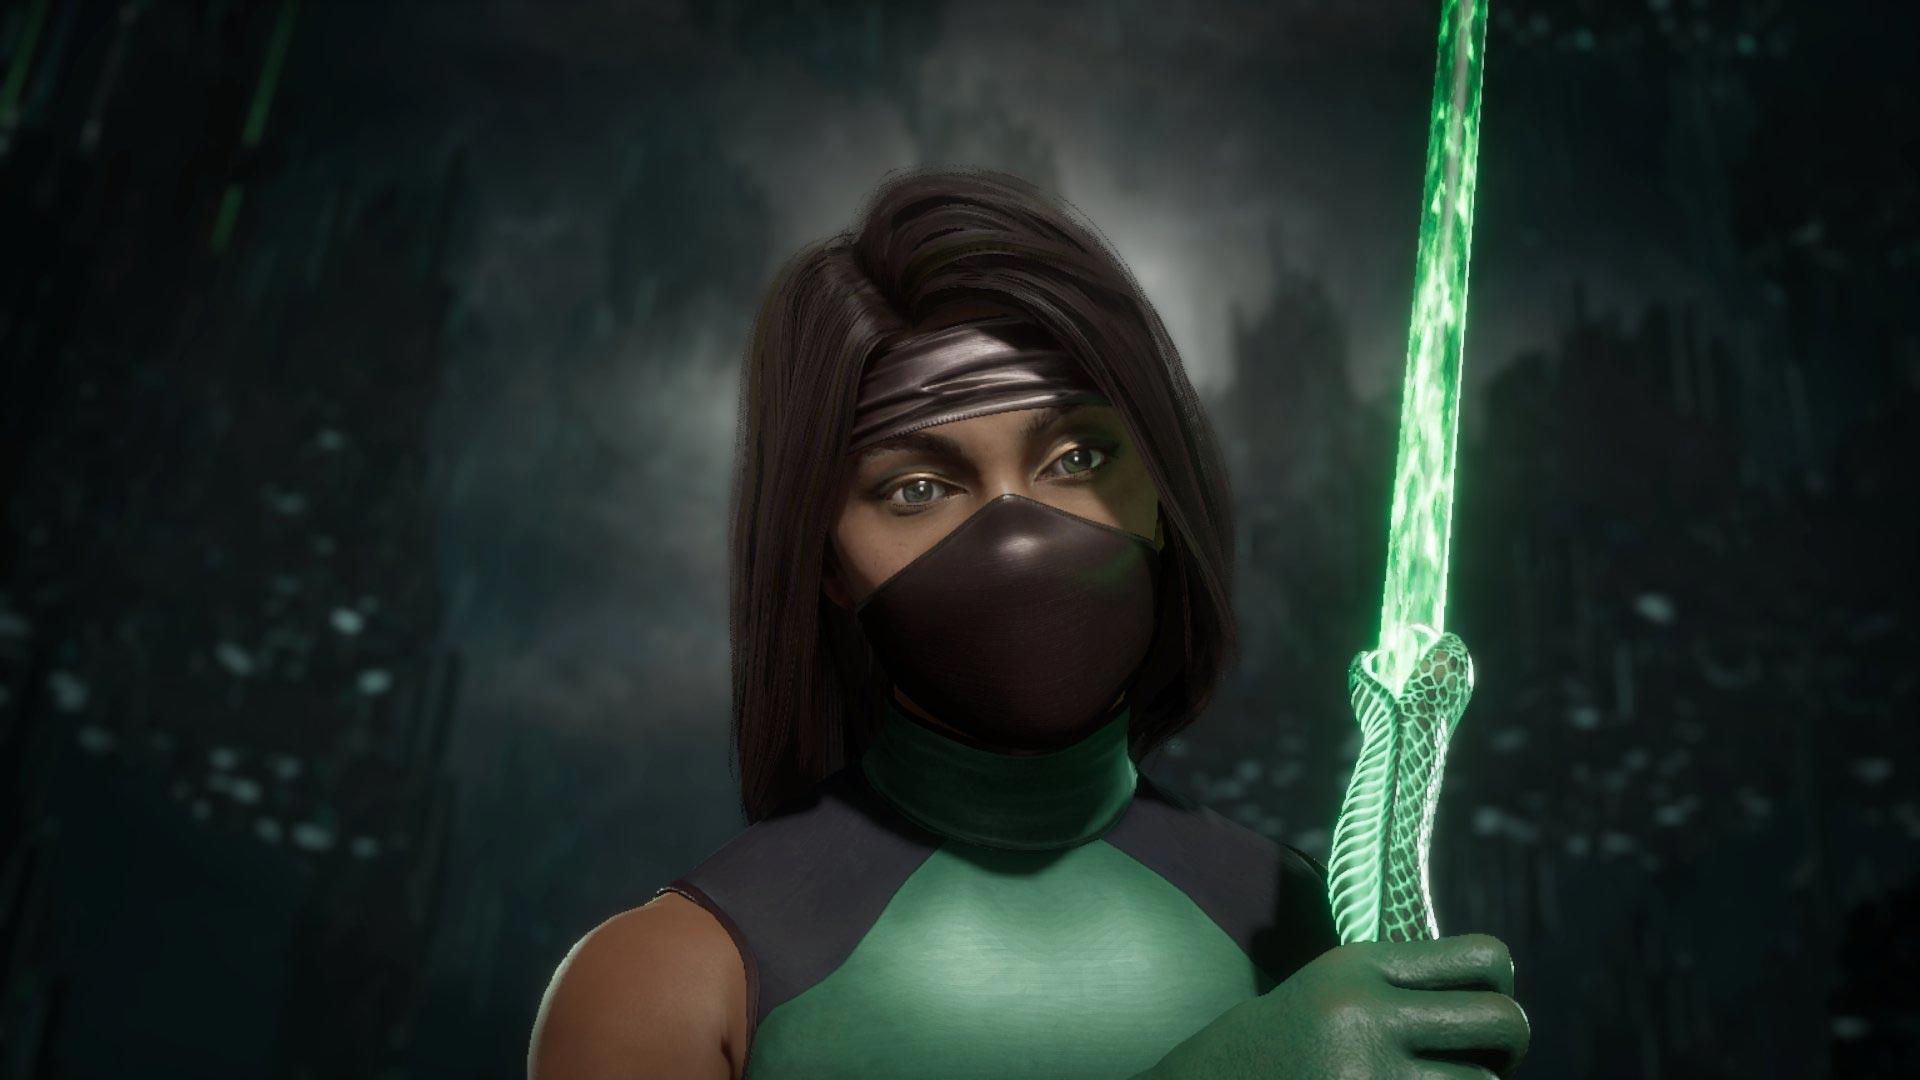 Jade Klassic Skin In Mortal Kombat 11 6 Out Of 6 Image Gallery